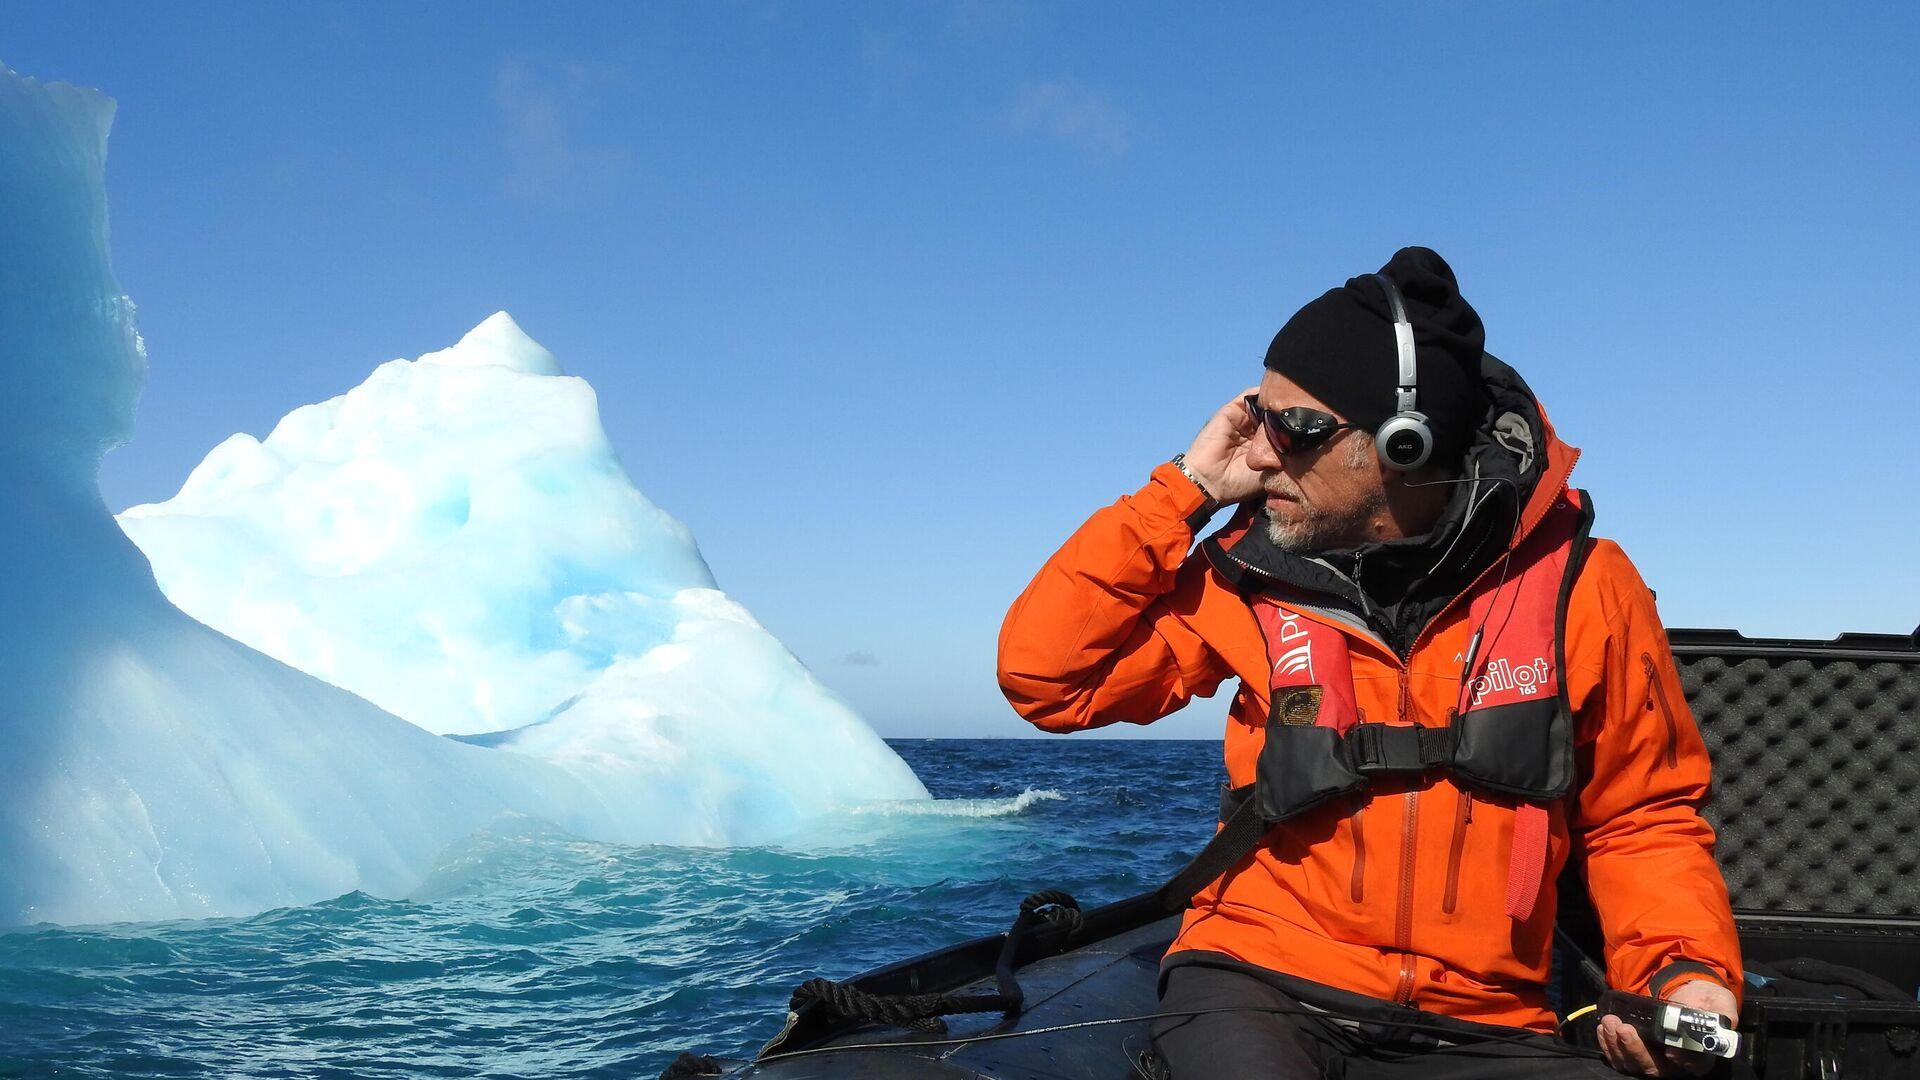 Michel André en una expedición en la Antártida - Sputnik Mundo, 1920, 13.02.2021